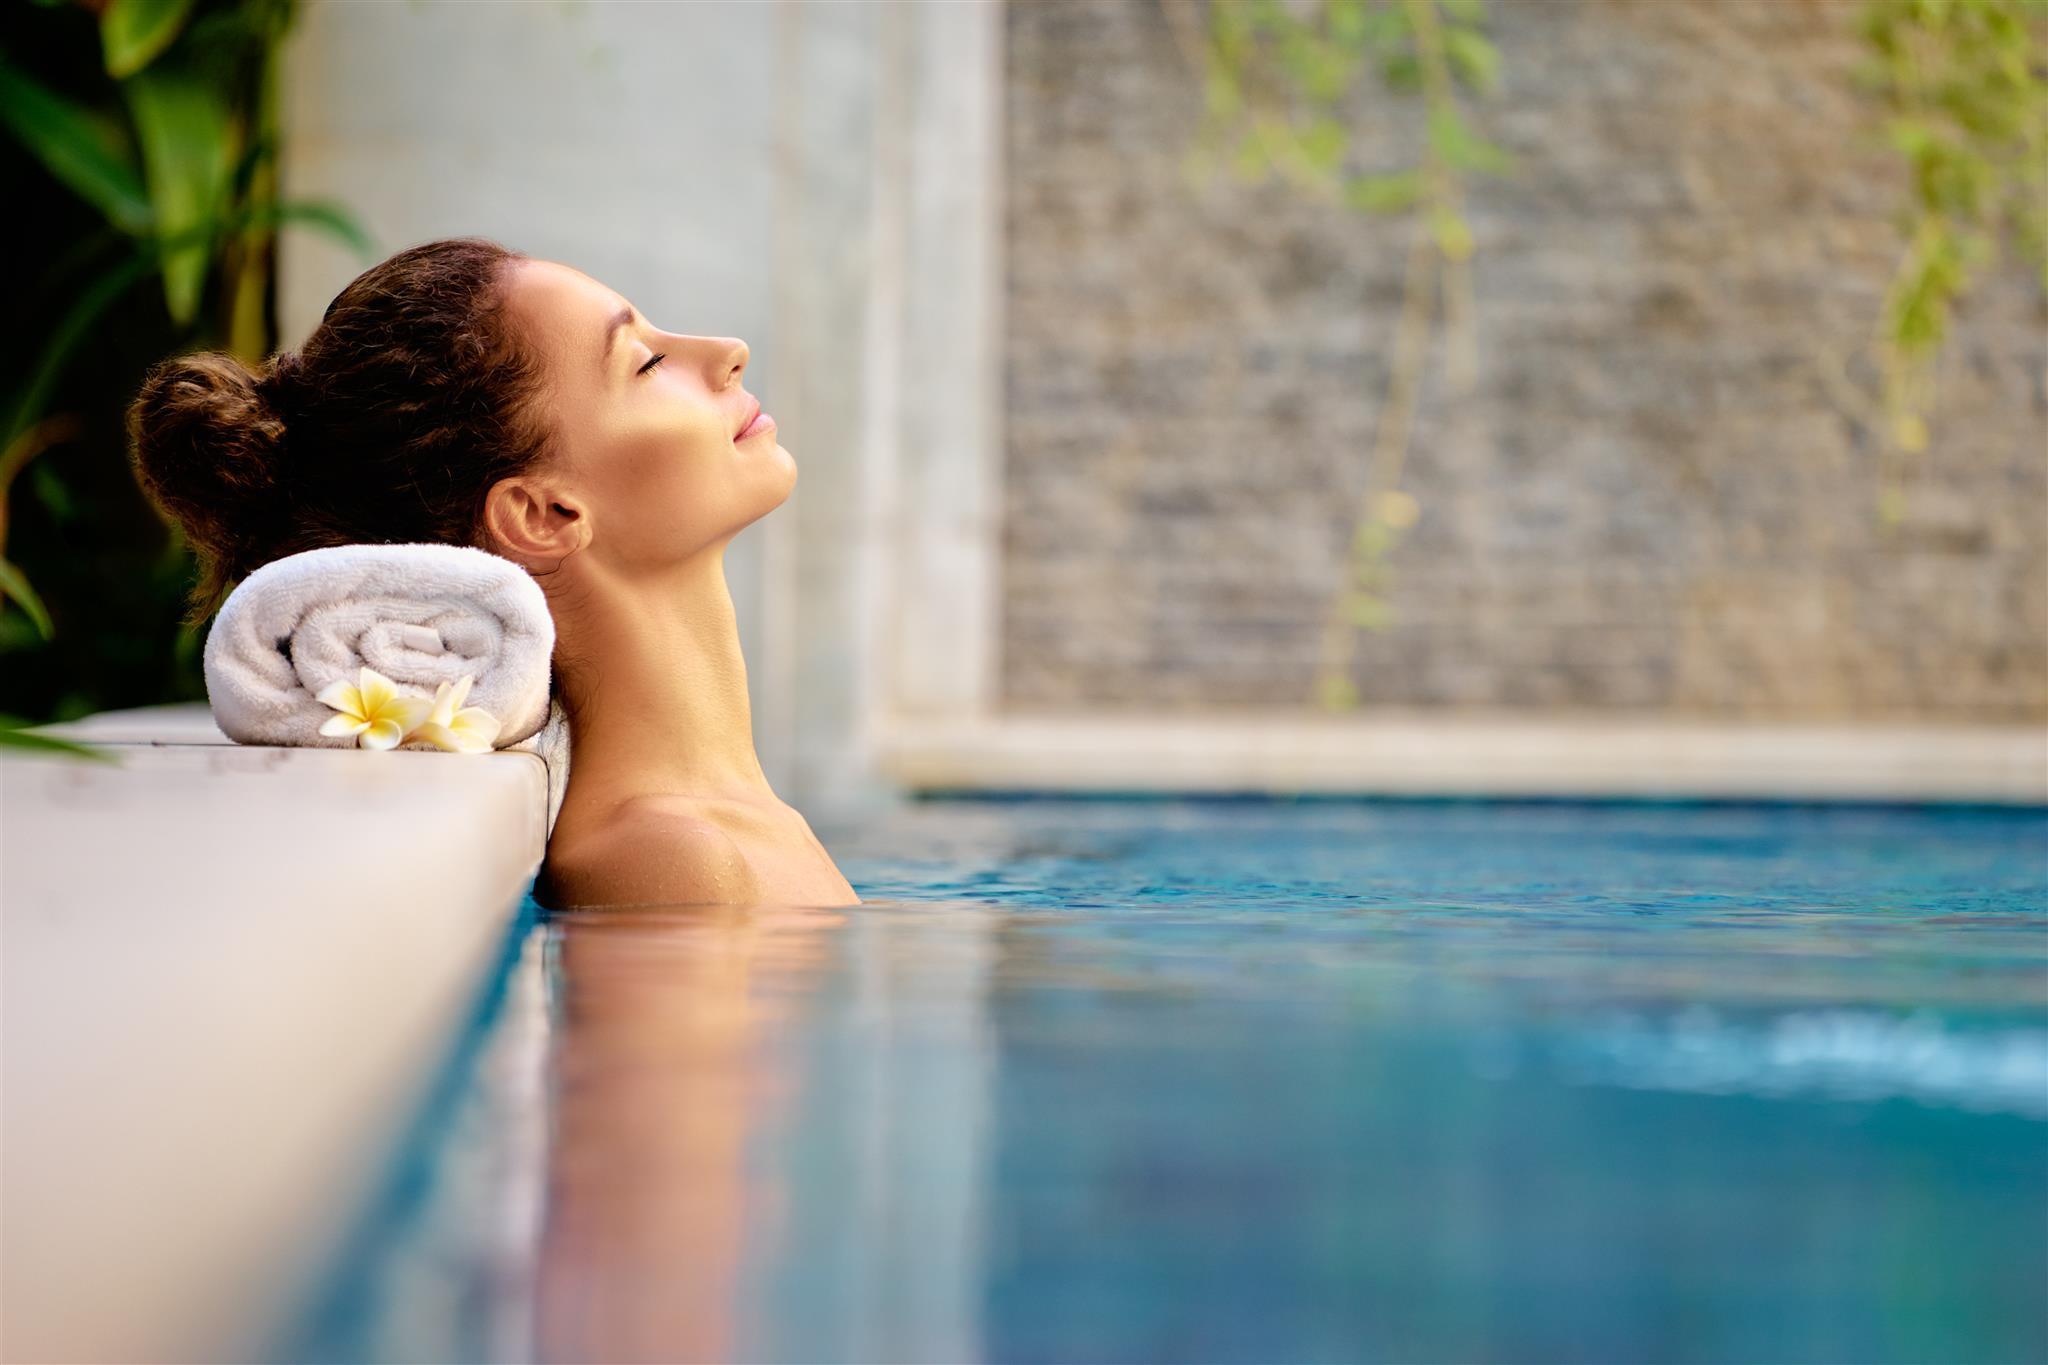 Im Wasser sind wir ganz in unserem Element, denn der Körper besteht zu 70 Prozent aus diesem Lebenselixier. So erklärt sich auch der Name der SPA AWARDS: Sanus Per Aquam – gesund durch Wasser